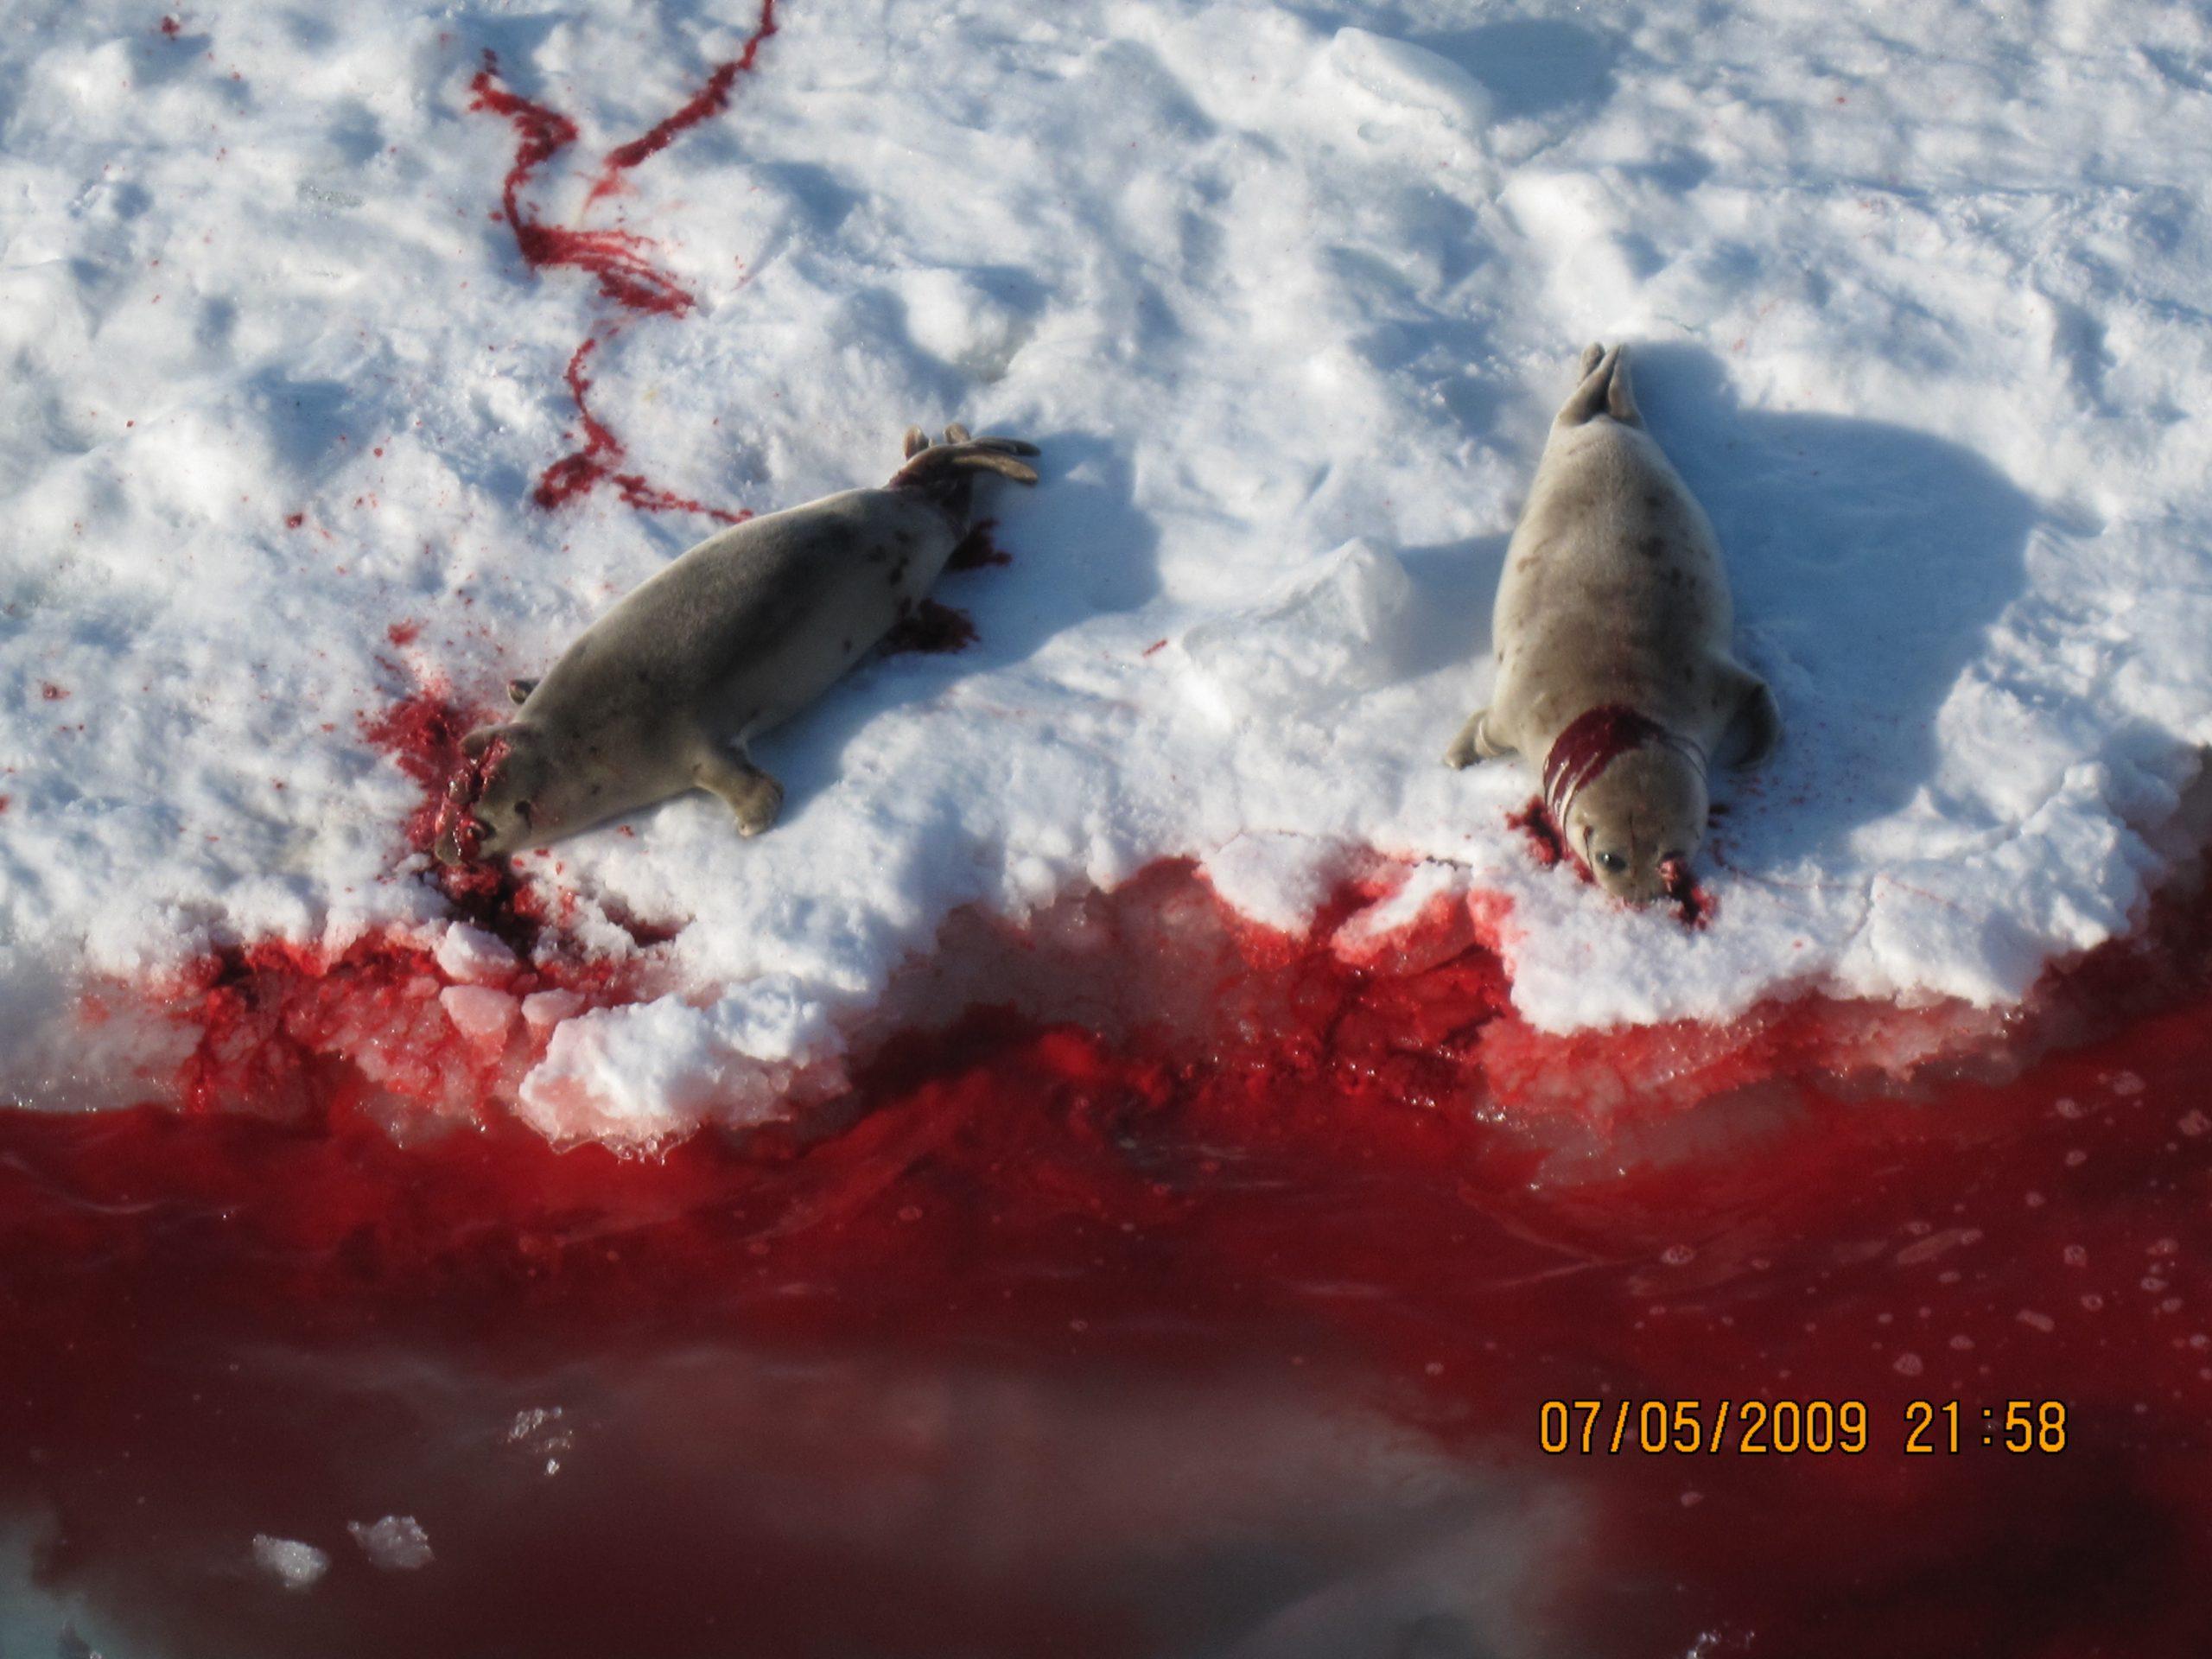 Bilde viser et blodbad av døde seler